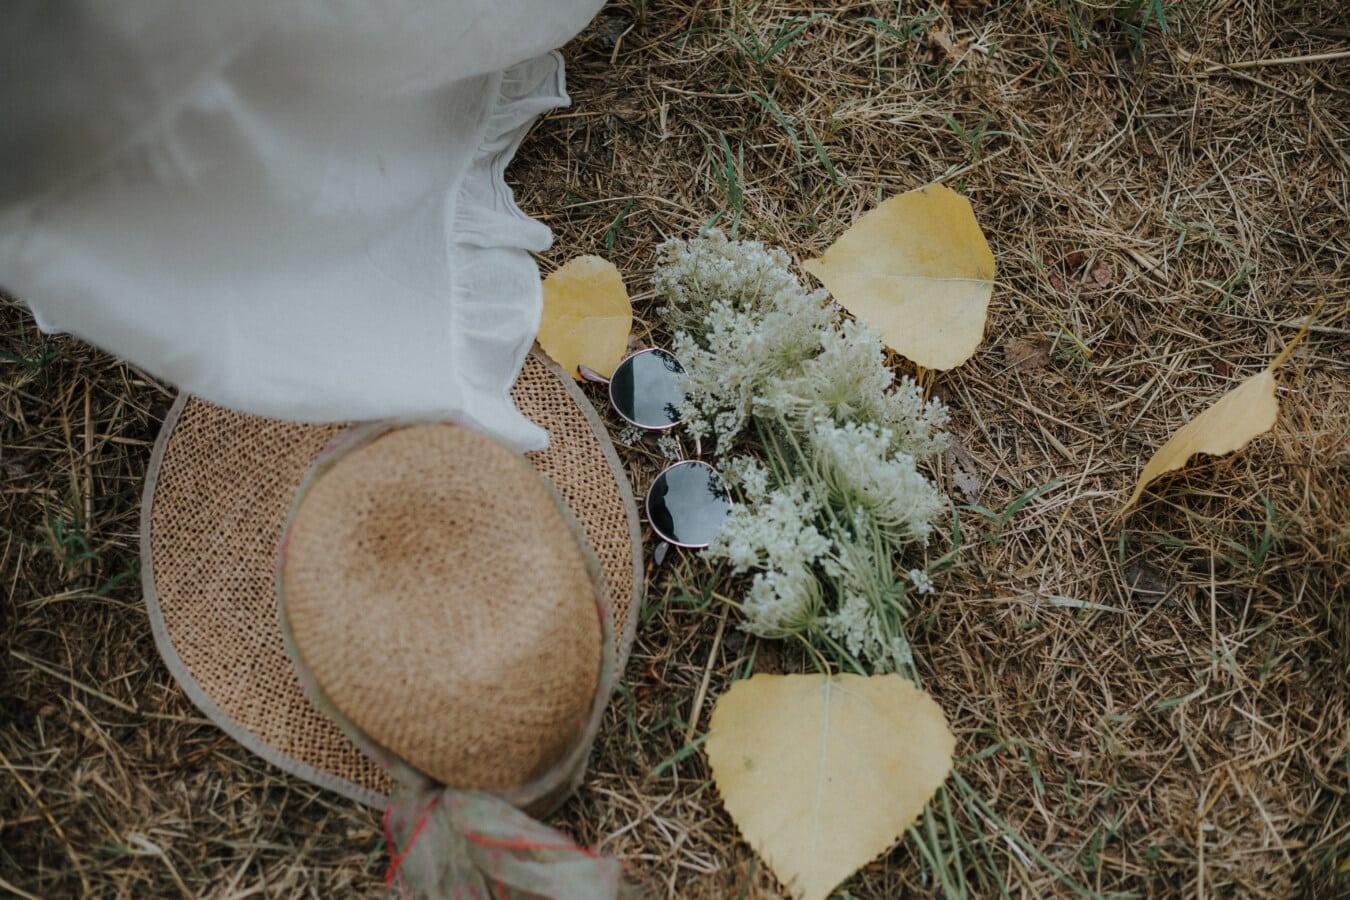 démodé, lunettes de soleil, jute, chapeau, saison de l'automne, herbe, alimentaire, nature, bois, arbre